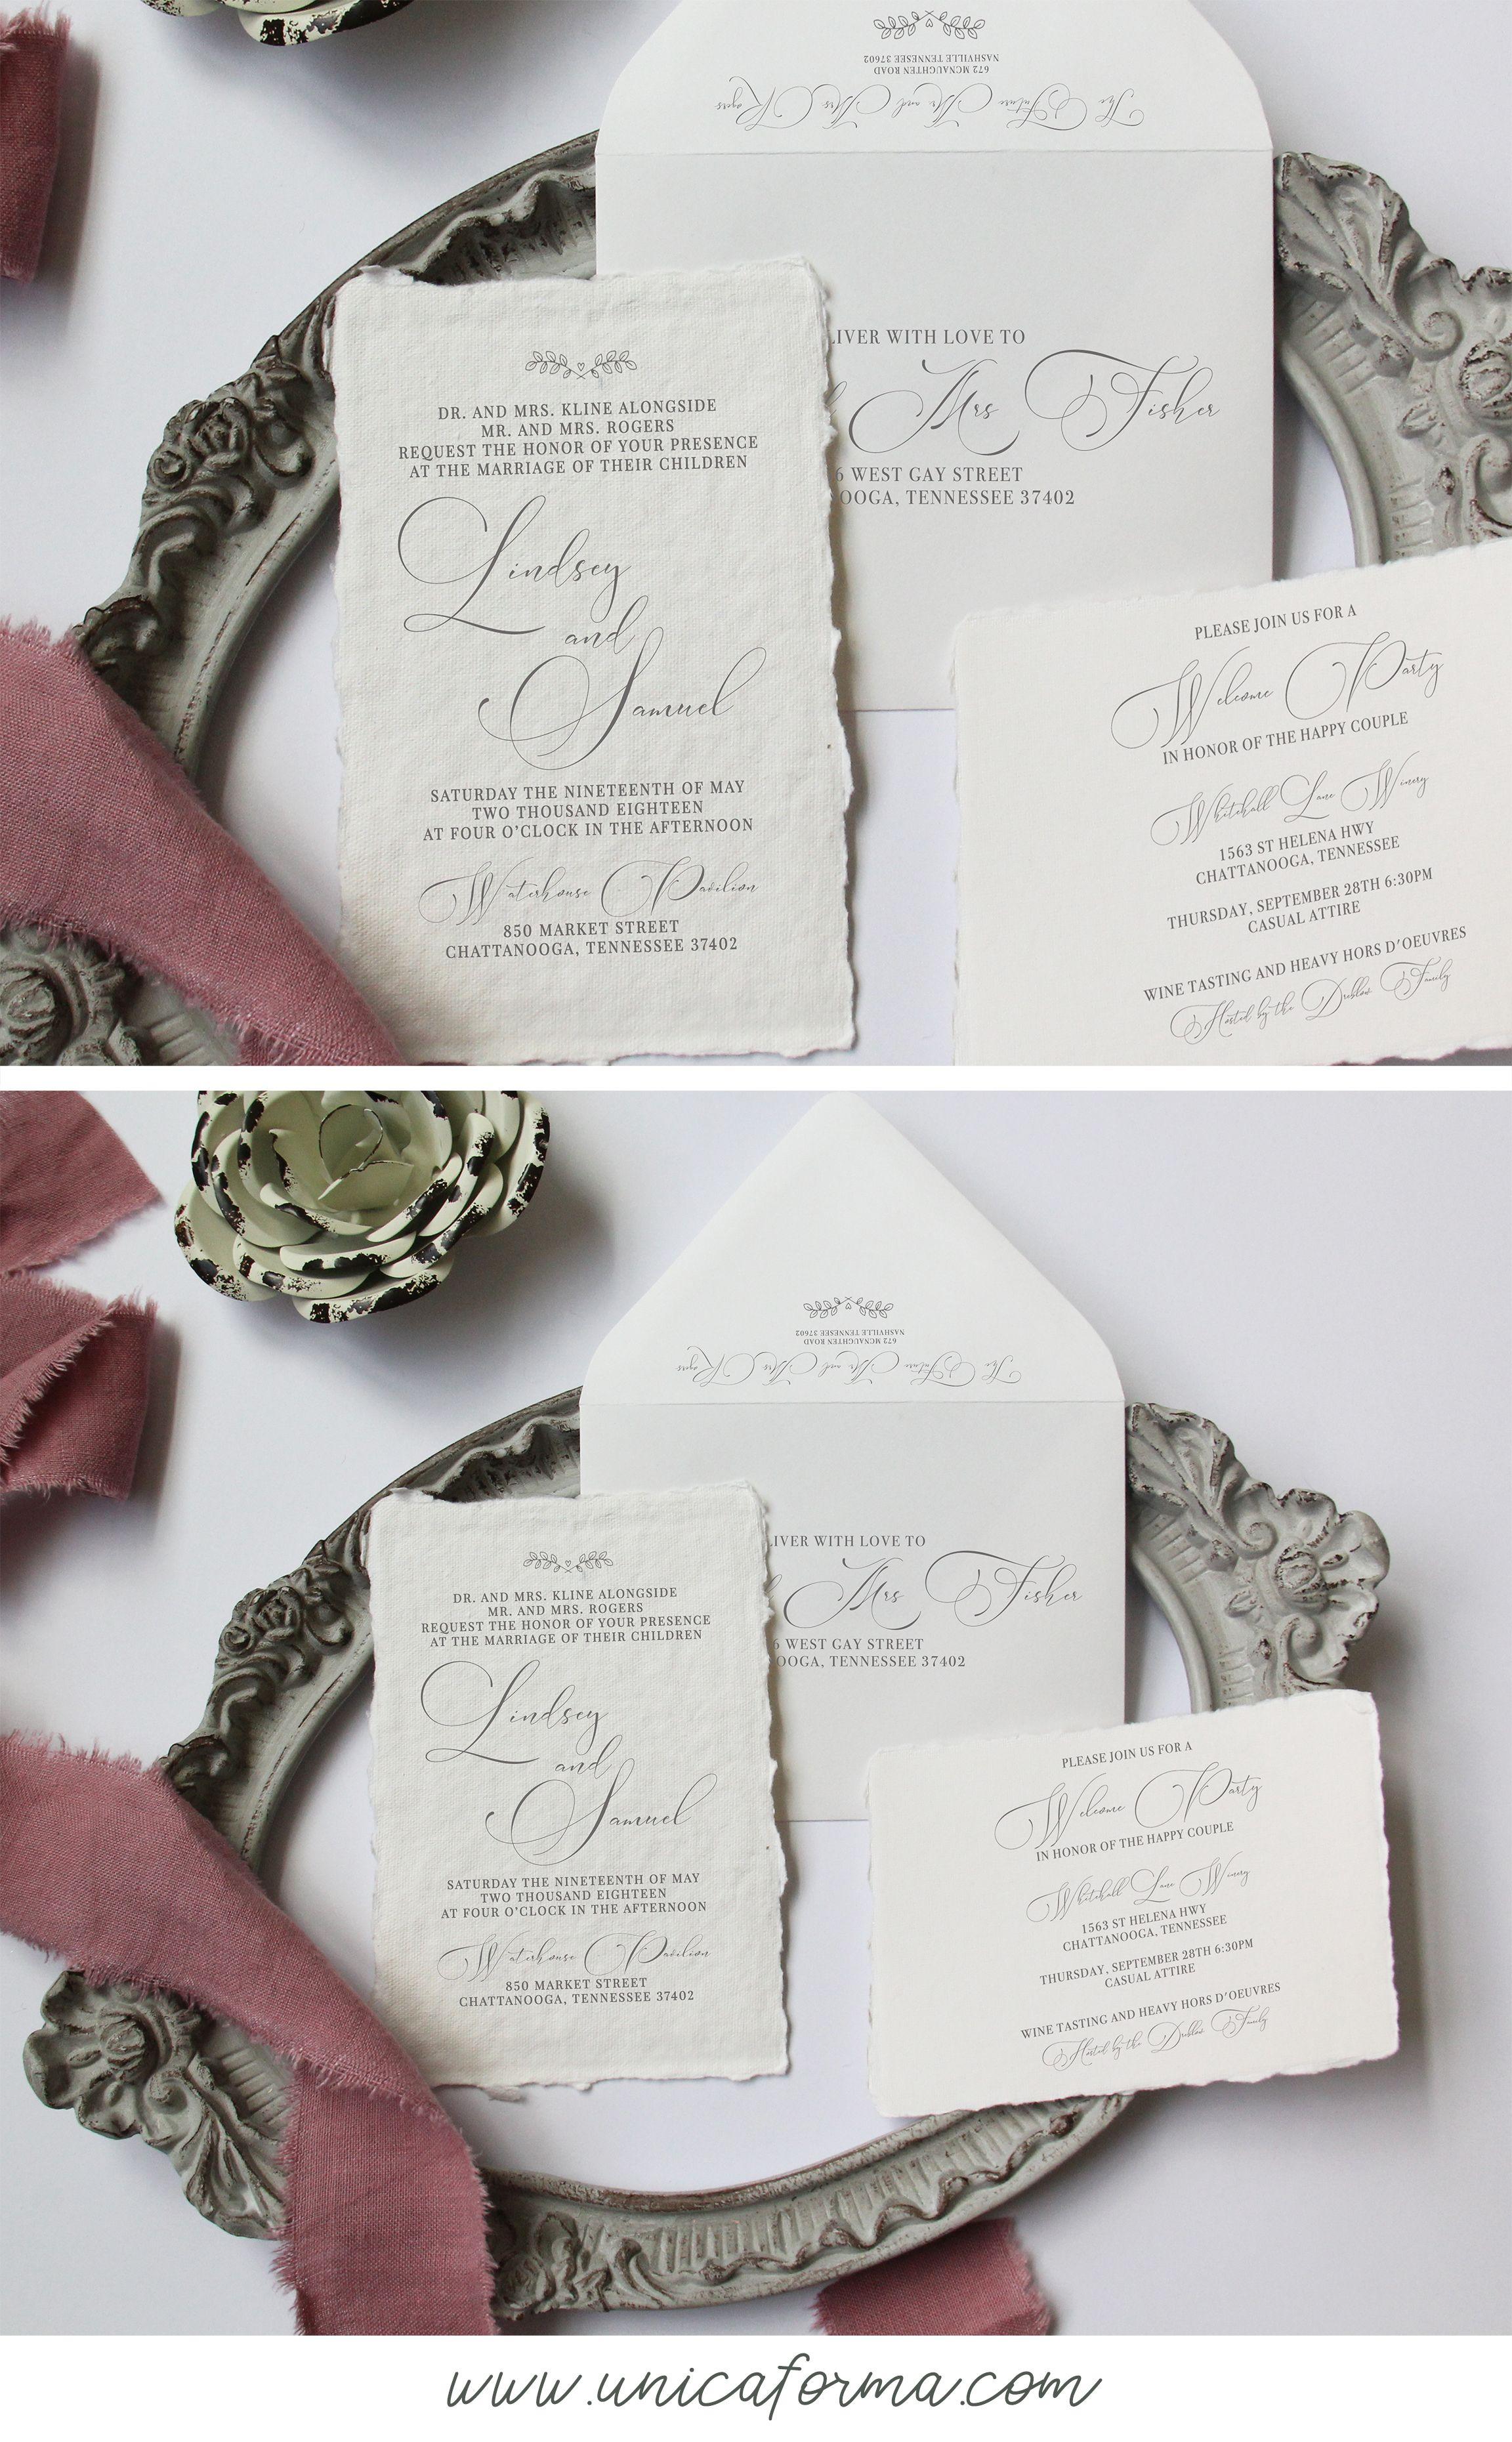 Handmade Wedding Invitation Deckled Edge Wedding Invitation Calligraphy Wed Grey Wedding Invitations Pretty Wedding Invitations Black Tie Wedding Invitations